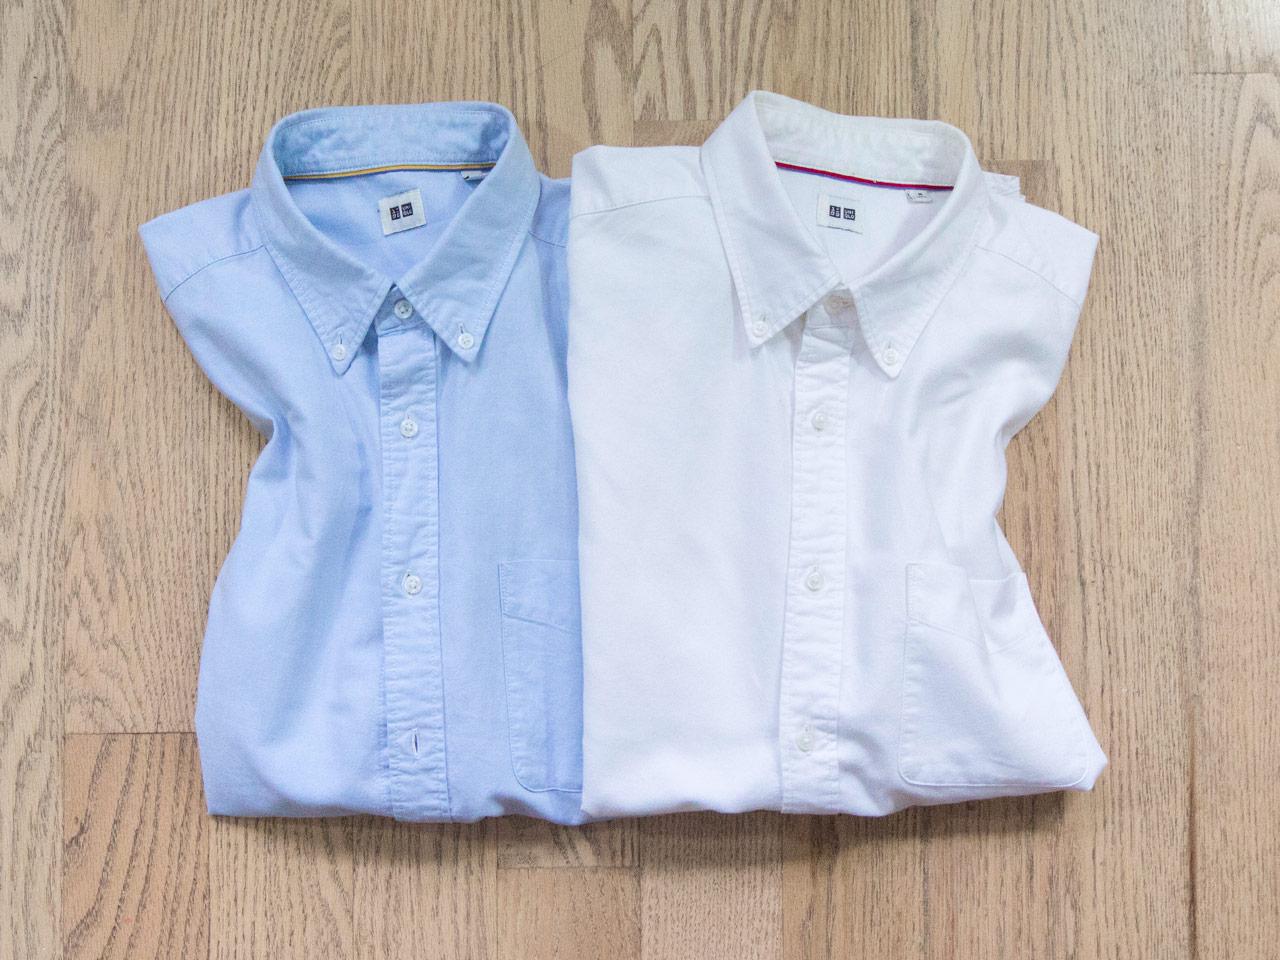 effortless essentials minimalist wardrobe - shirts